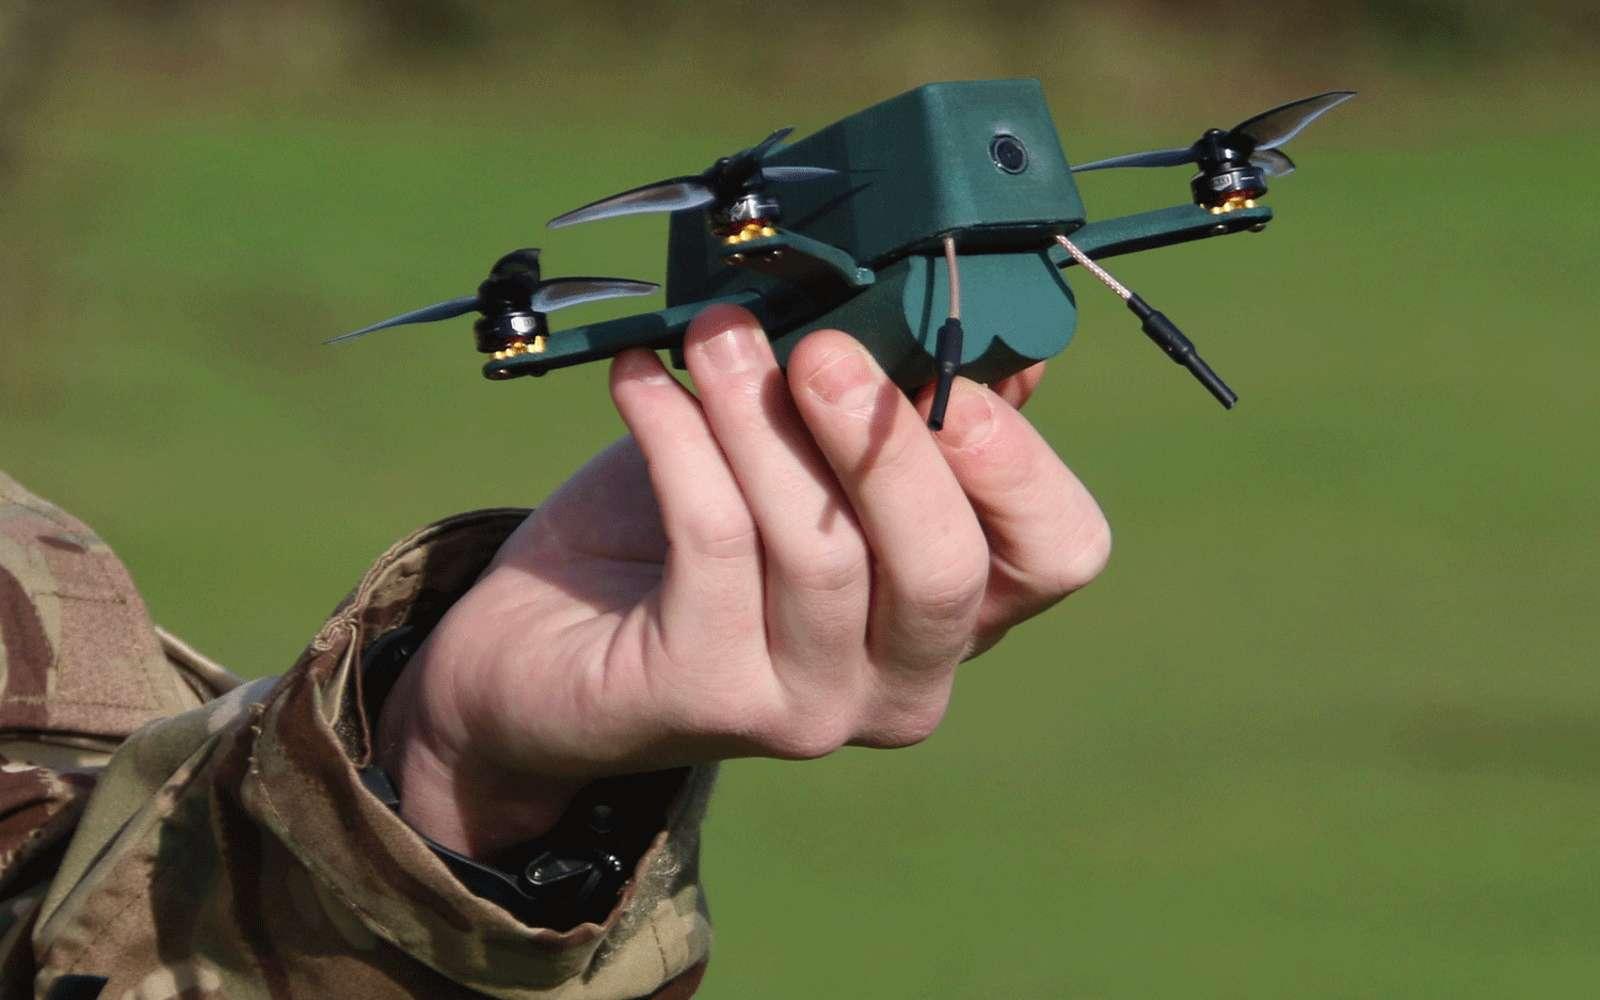 L'armée britannique a reçu 30 exemplaires du nanodrone Bug dont la portée est de 2 kilomètres © UAVTEK